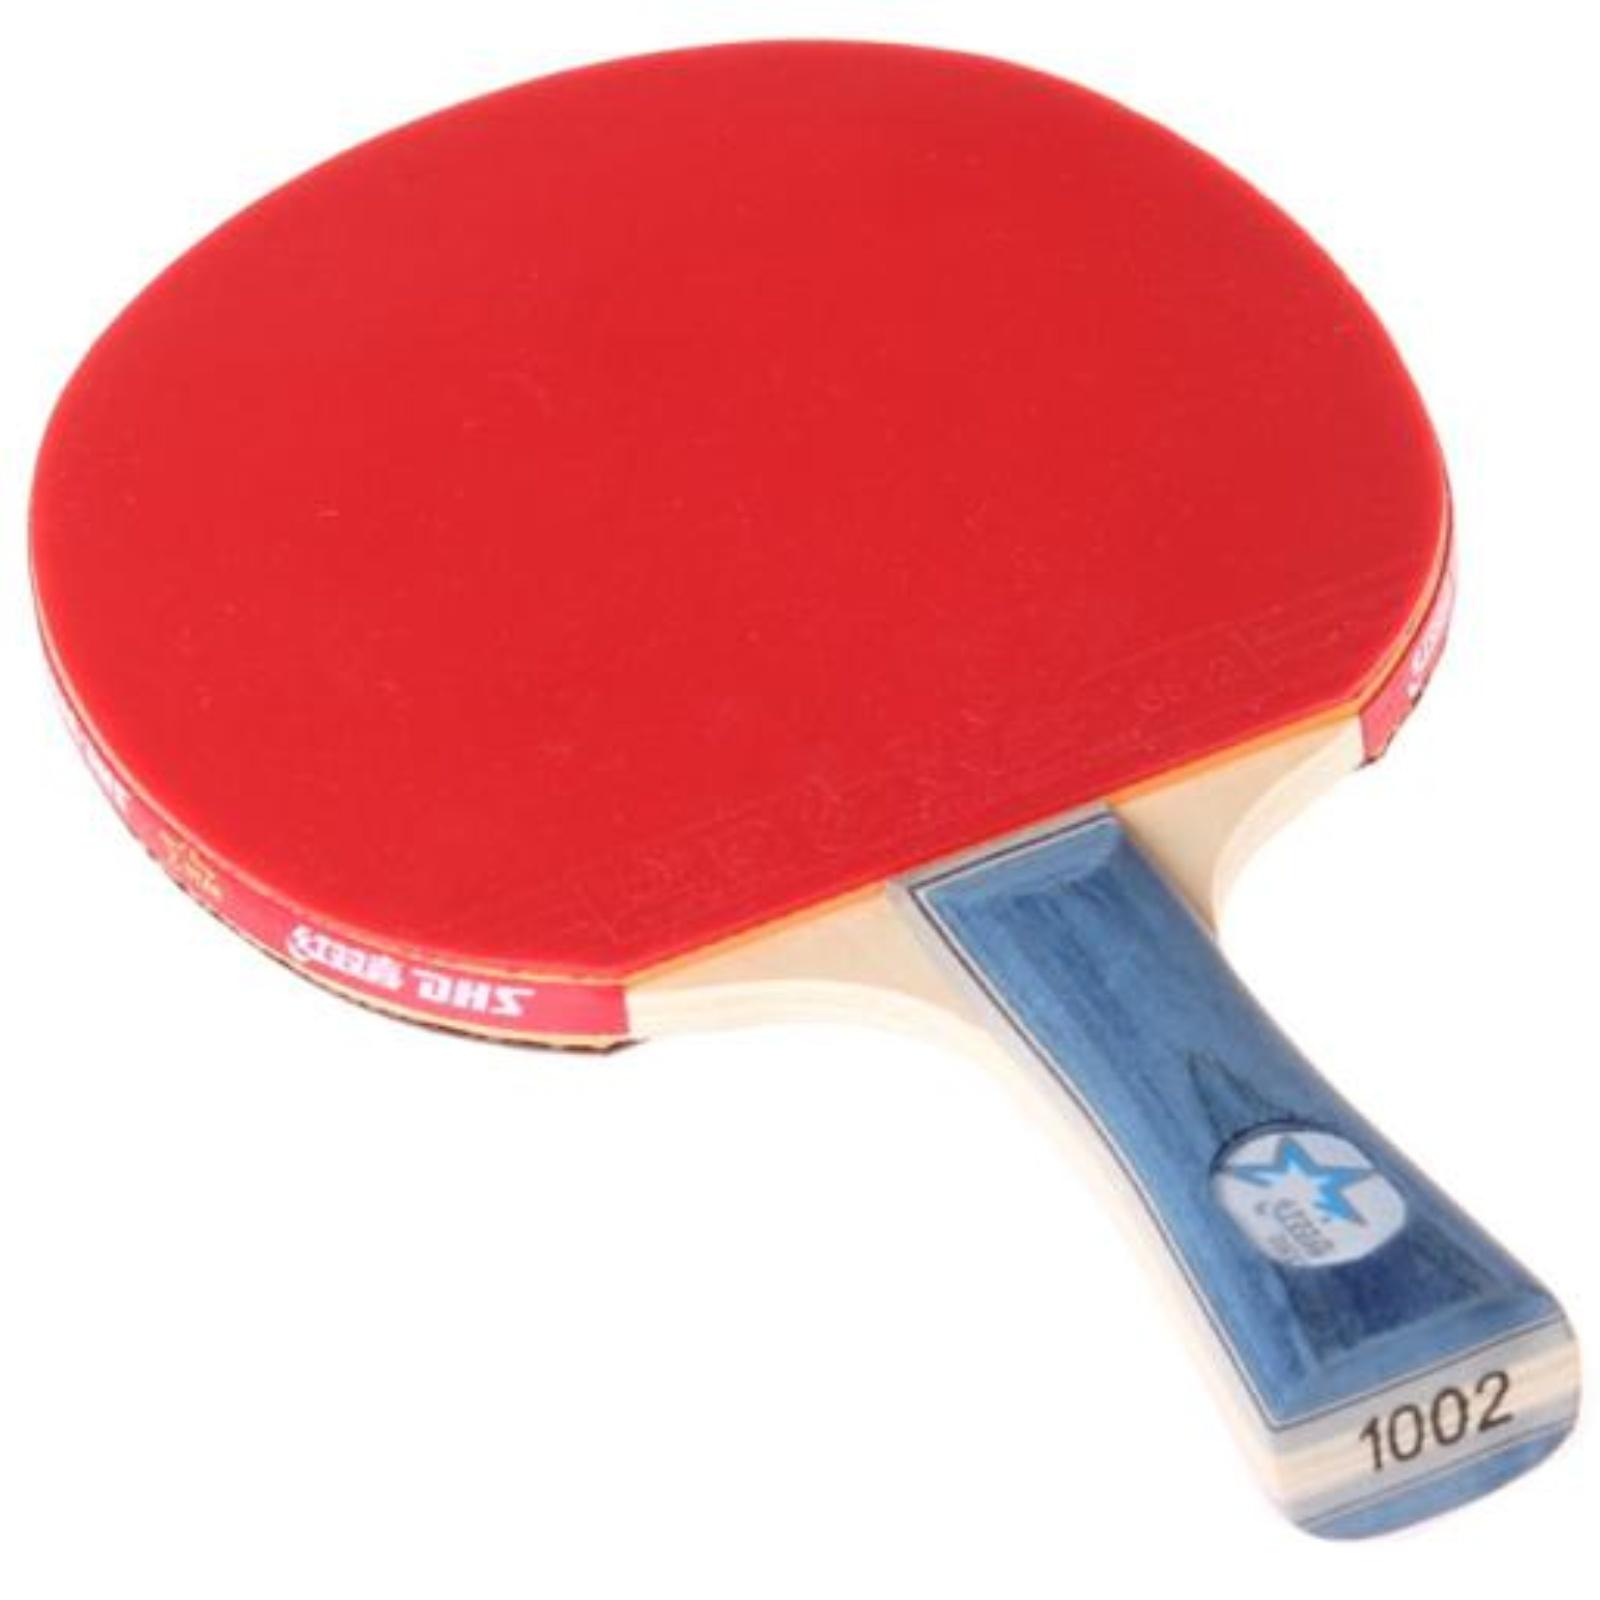 Pálka na stolní tenis DOUBLE HAPPINES X1002